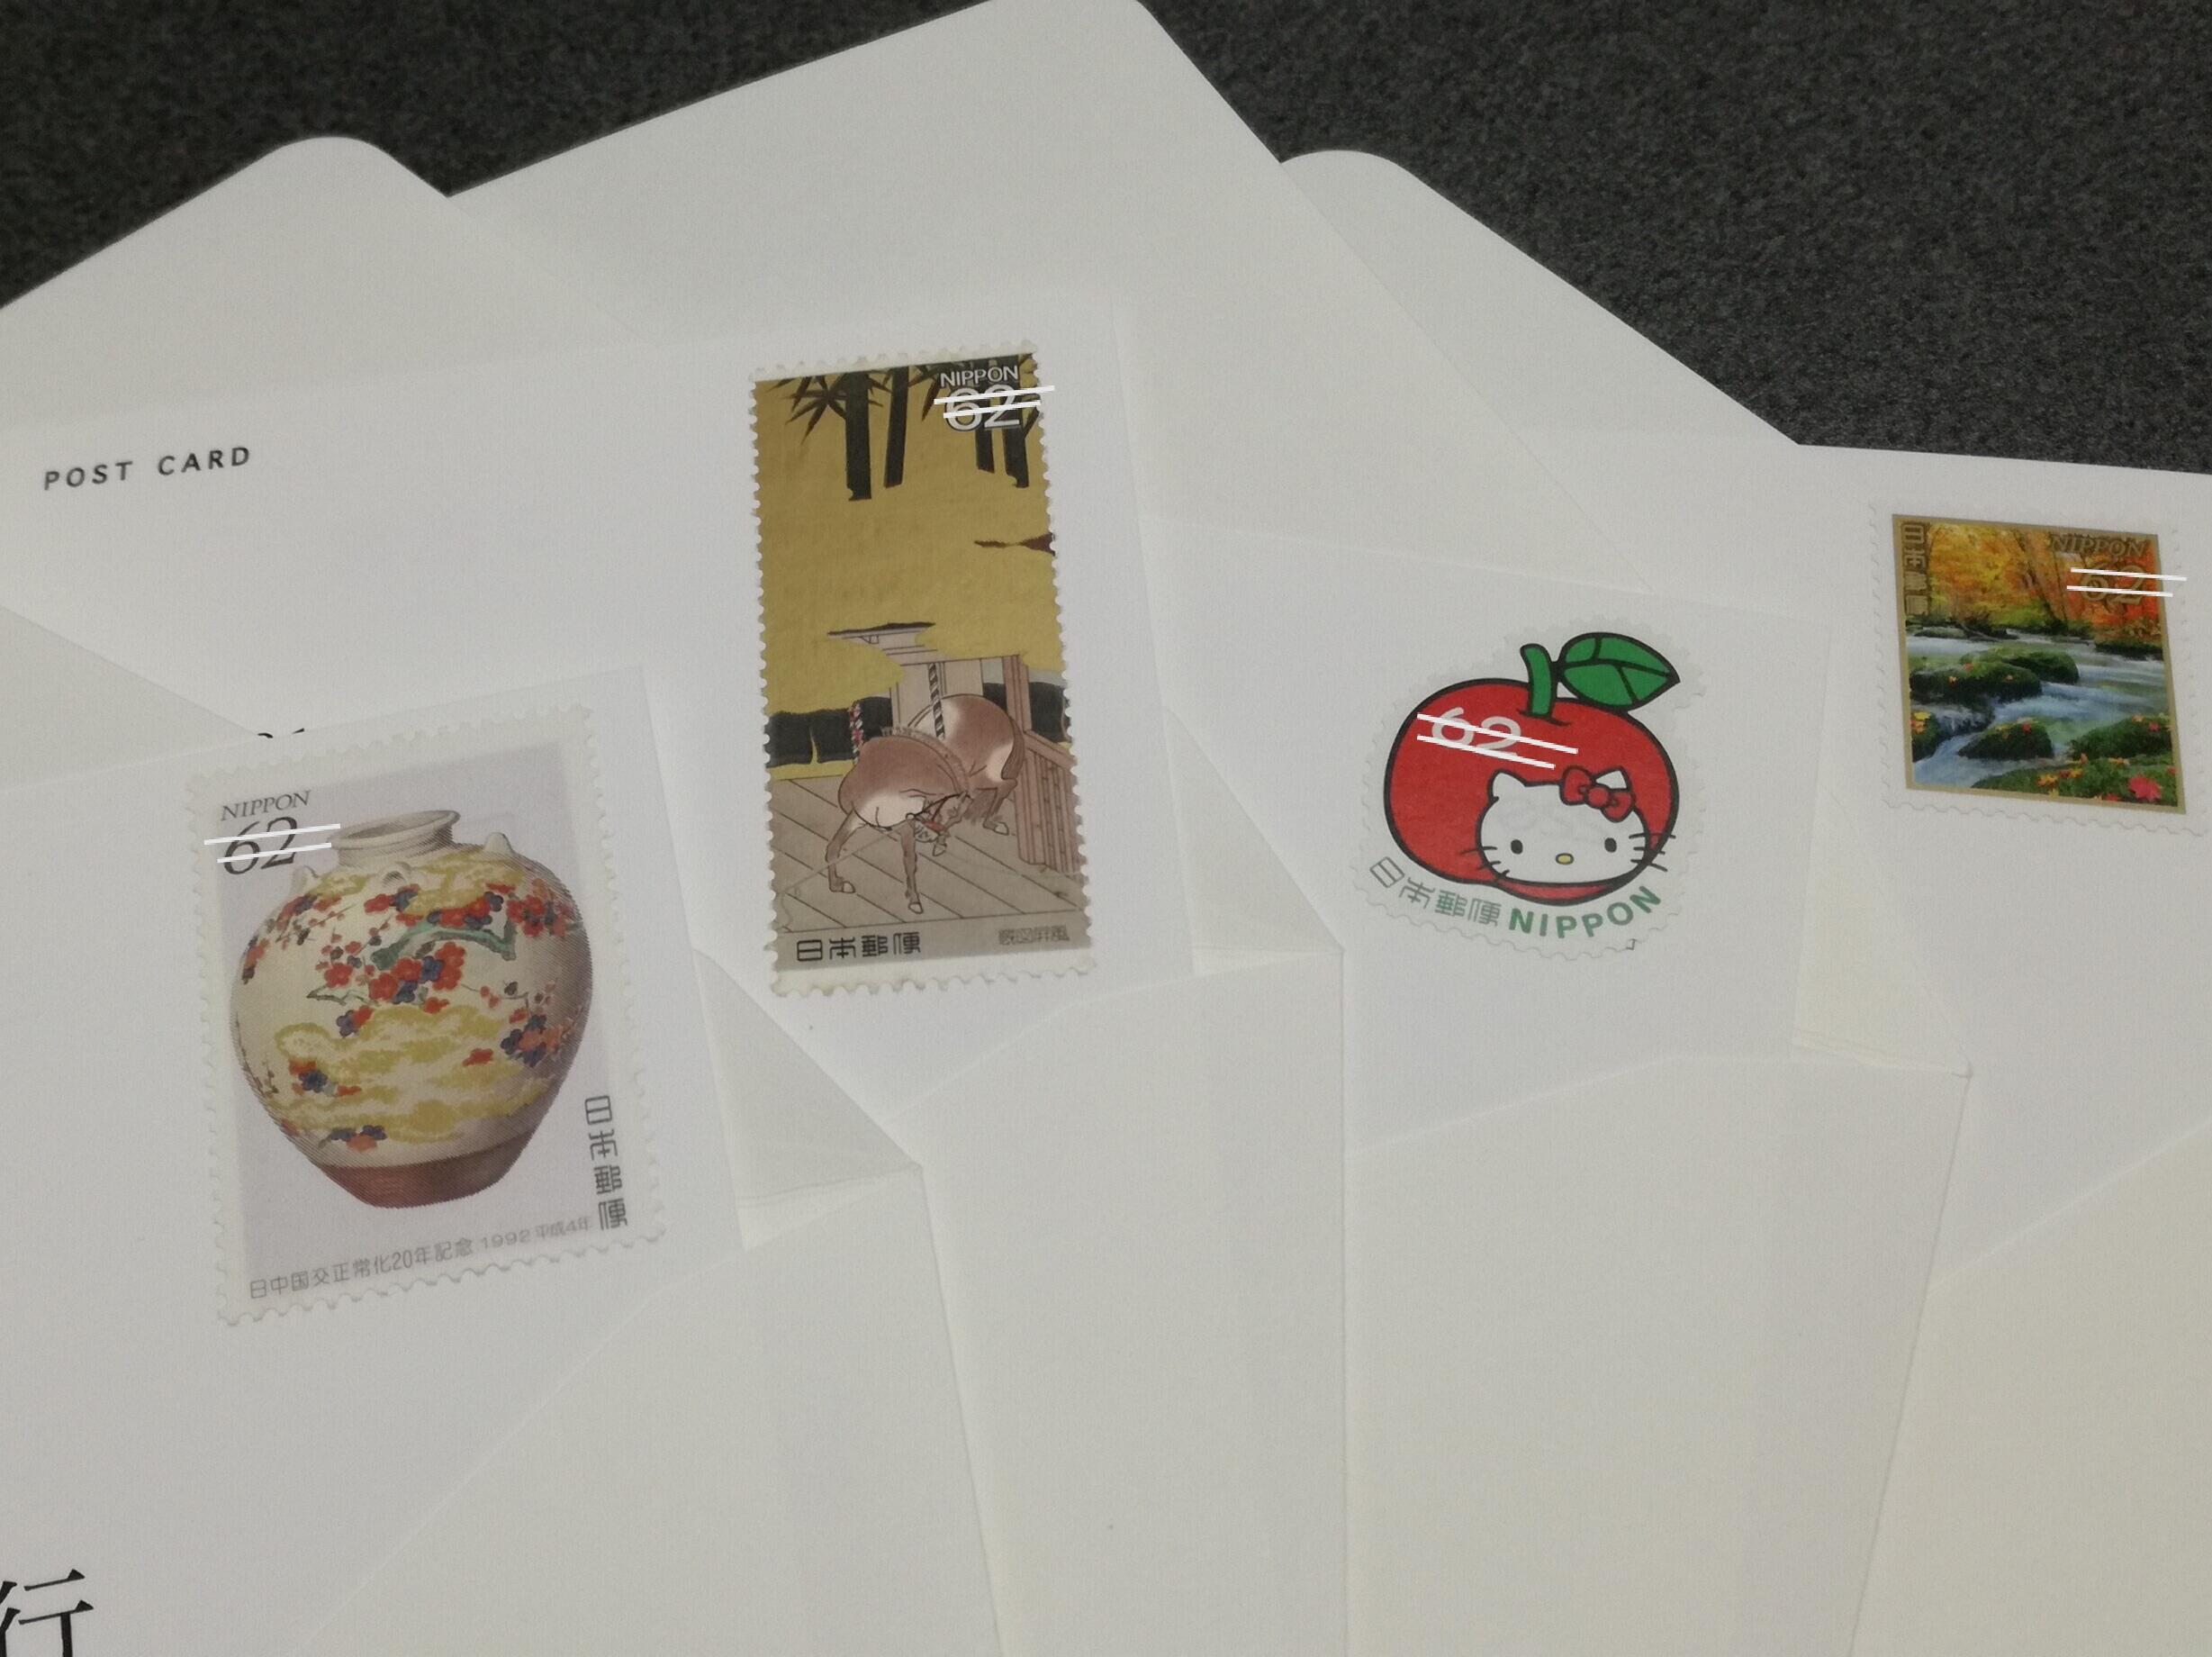 c52d92bbfd073 友人への返信ハガキの切手は可愛い物や、祖母が持っていた金色が入っている昔の切手を使ってみました。」